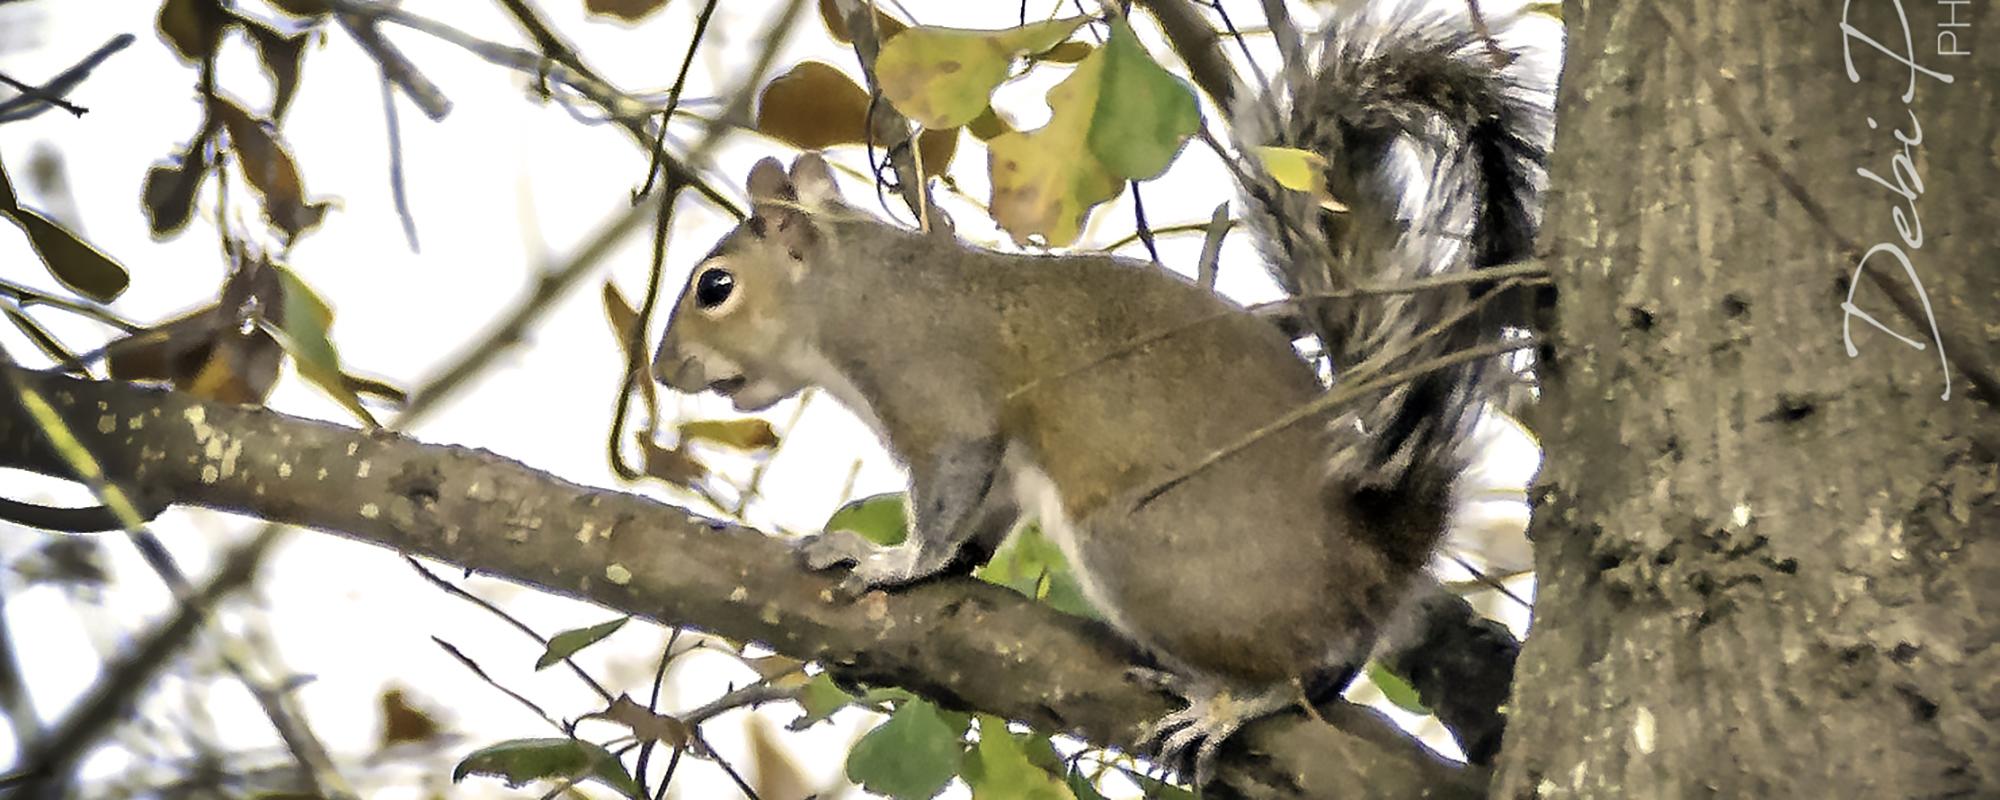 Copy of Copy of Lil' Grey Squirrel